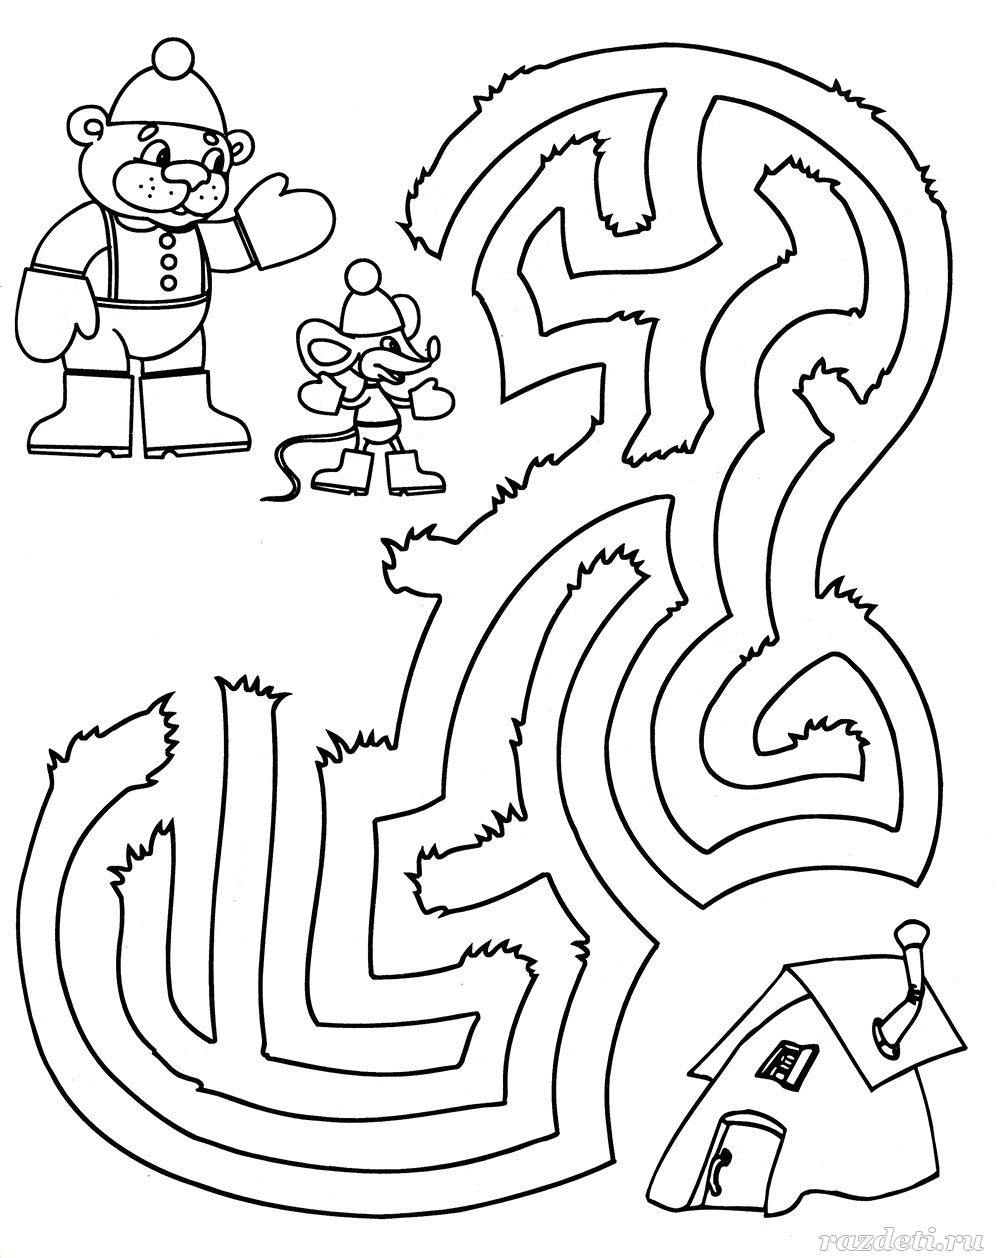 игры на знакомство для детей детского сада